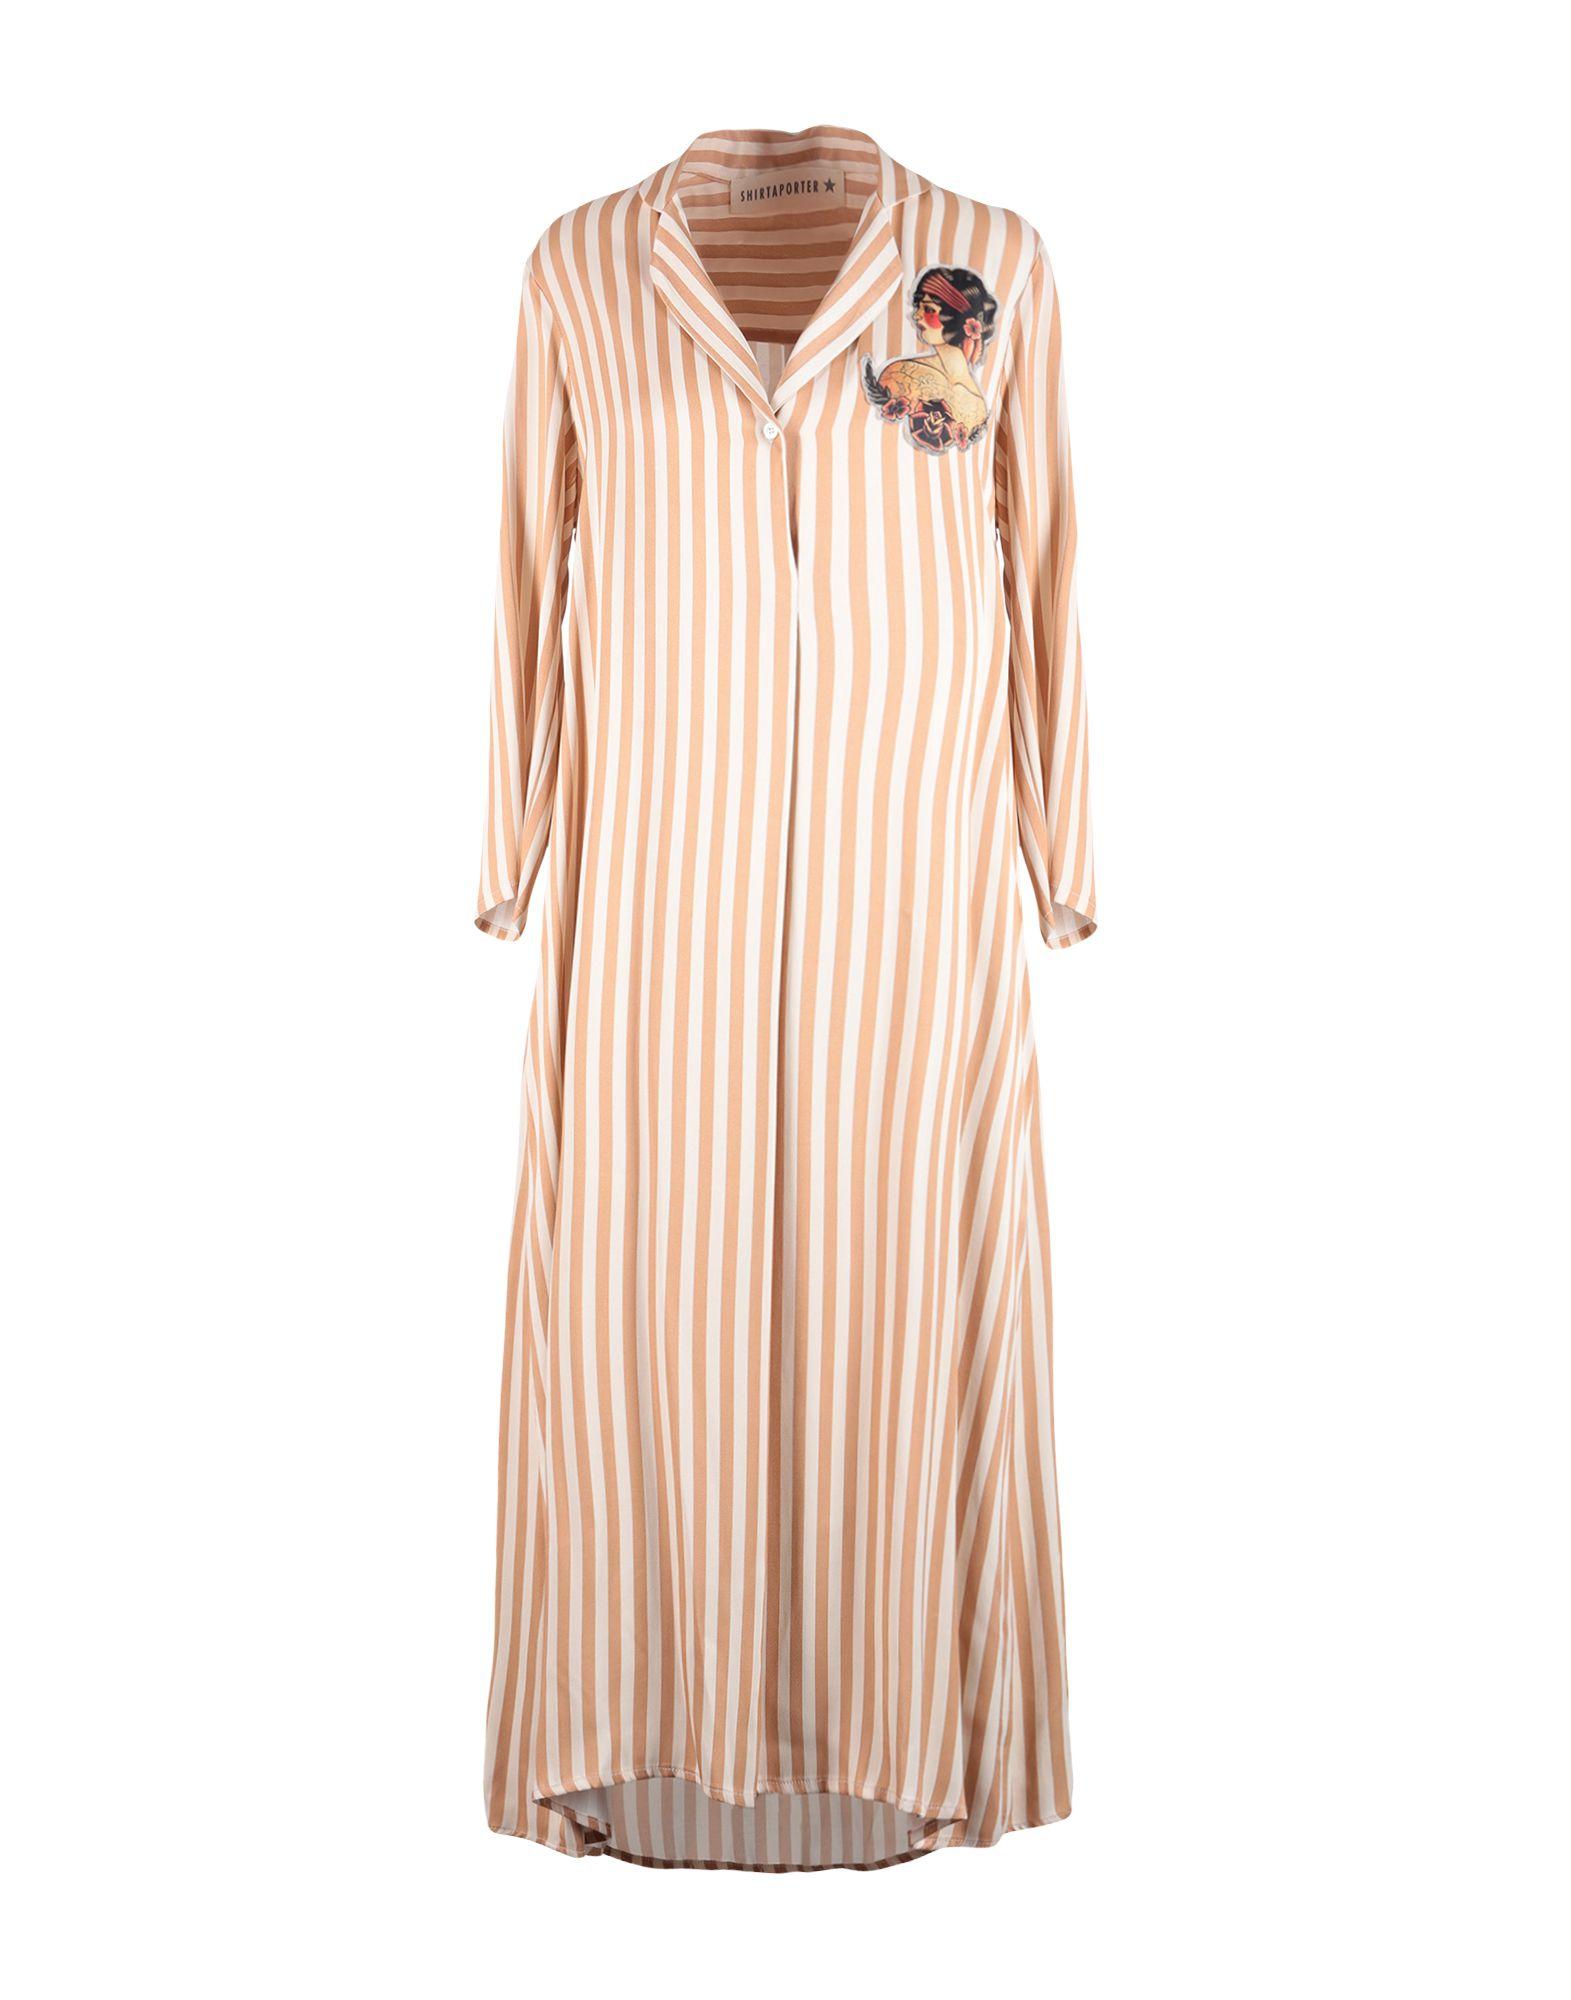 SHIRTAPORTER Платье длиной 3/4